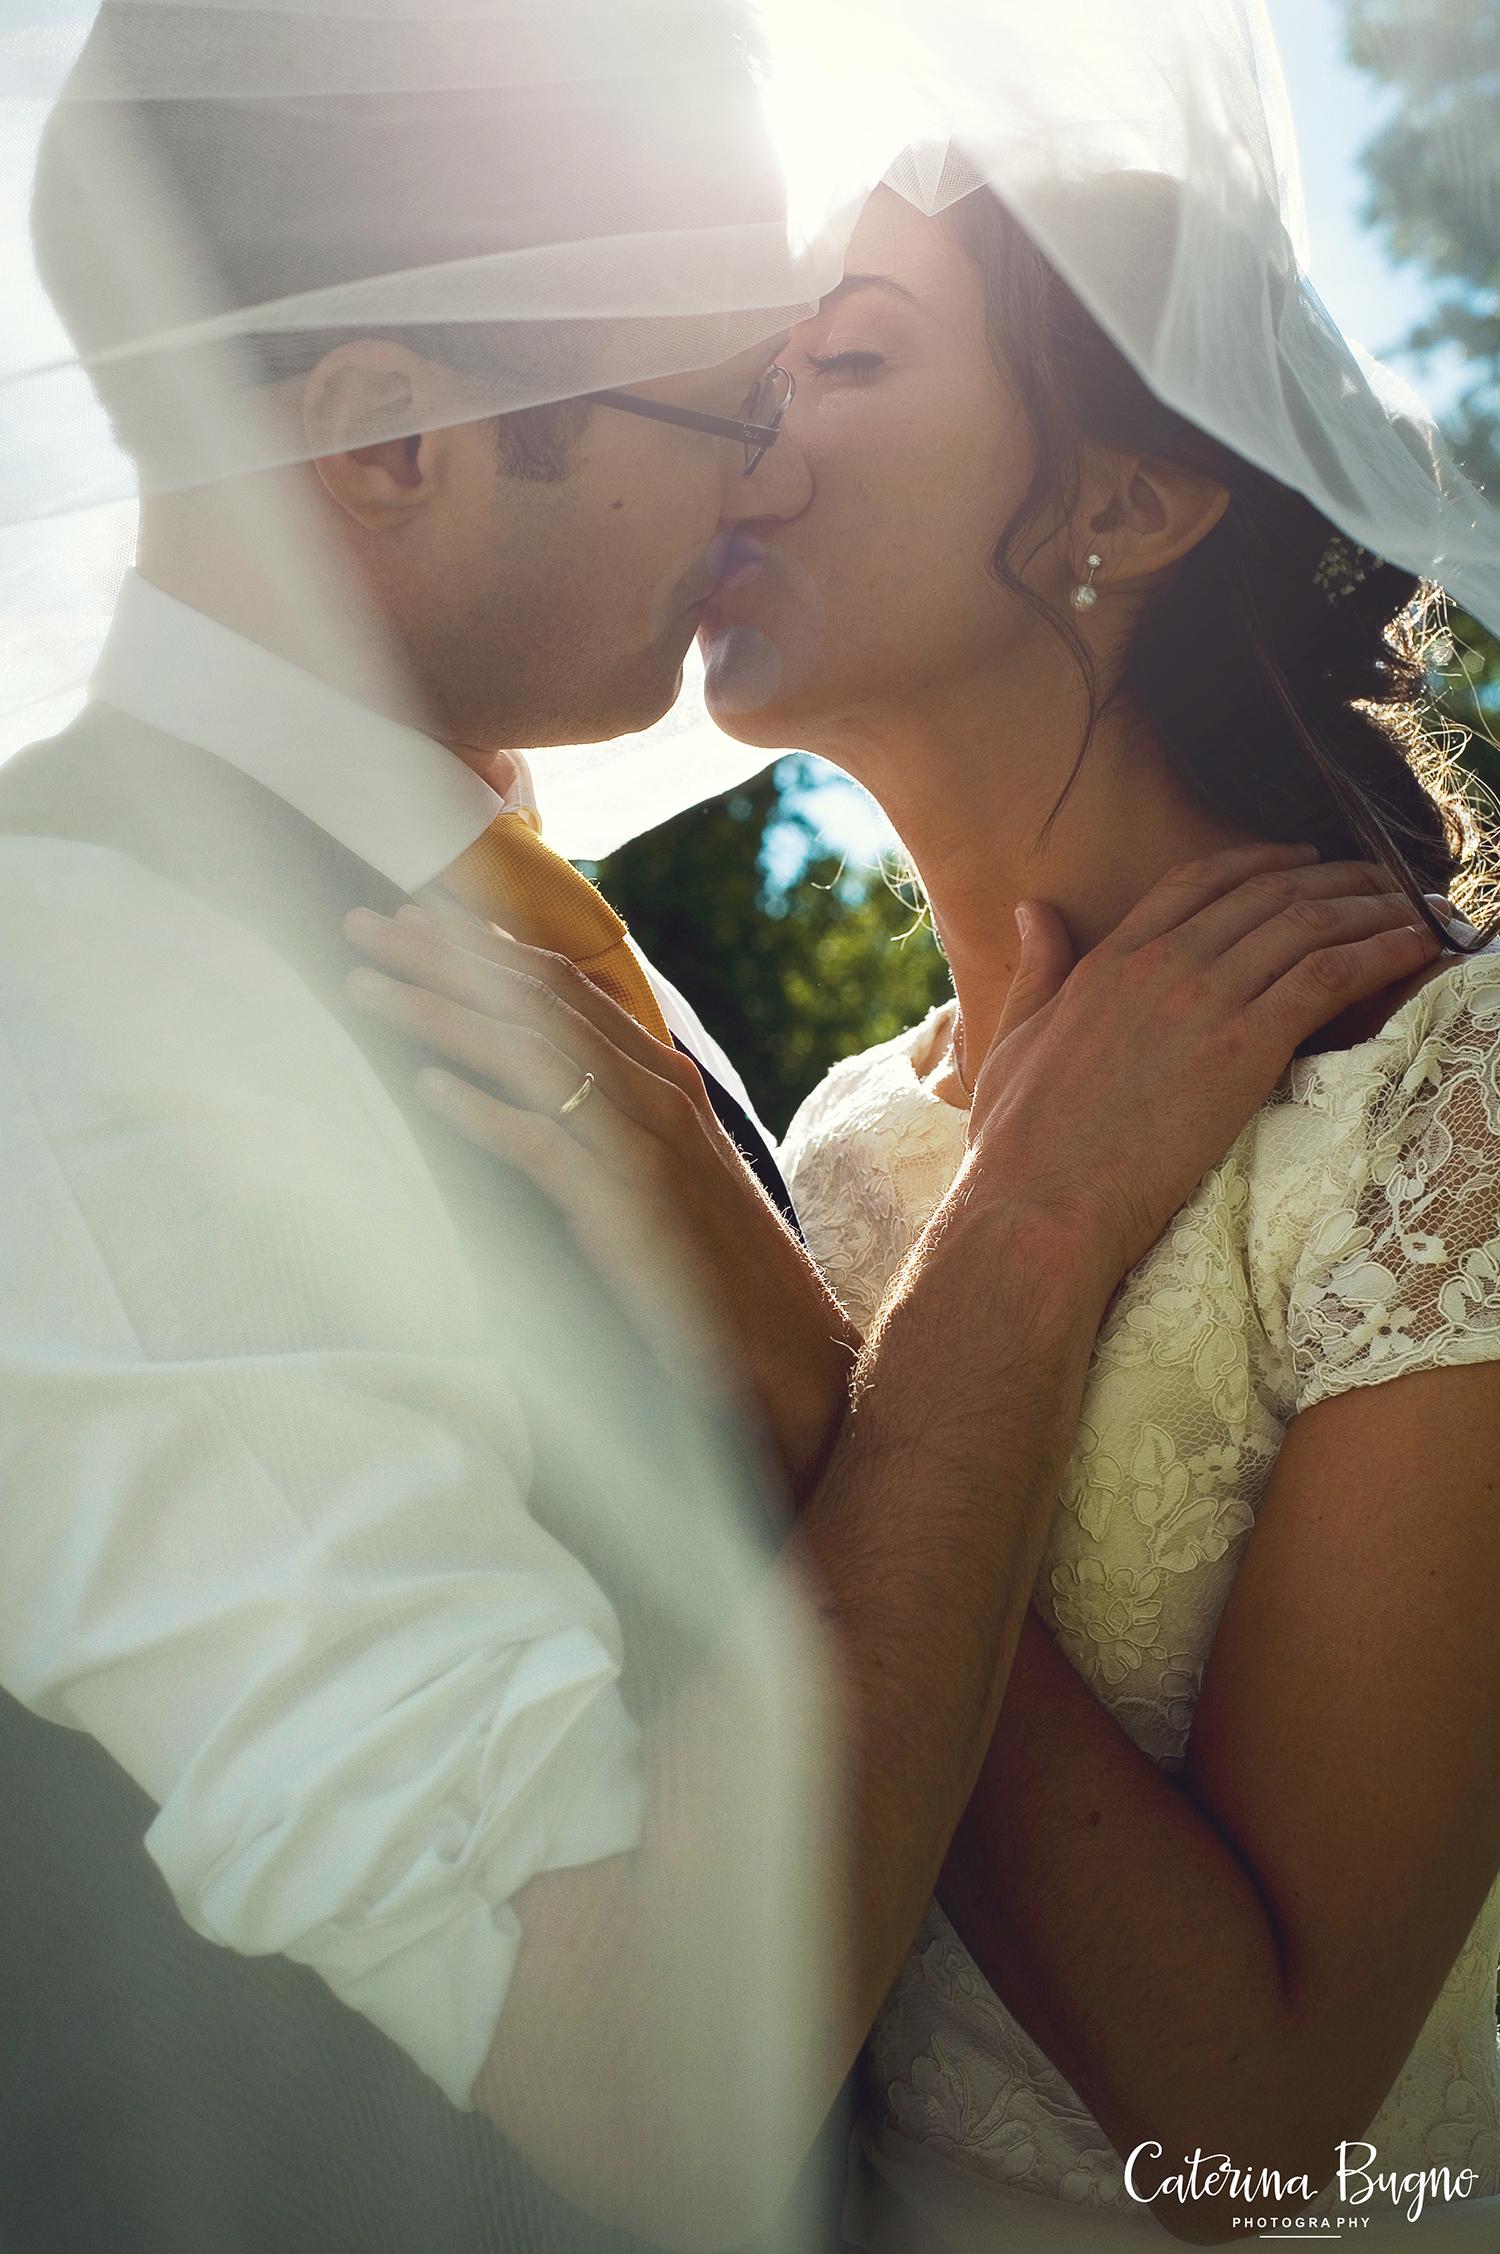 Matrimonio In Ticino : Caterina bugno photography fotografo matrimonio in ticino